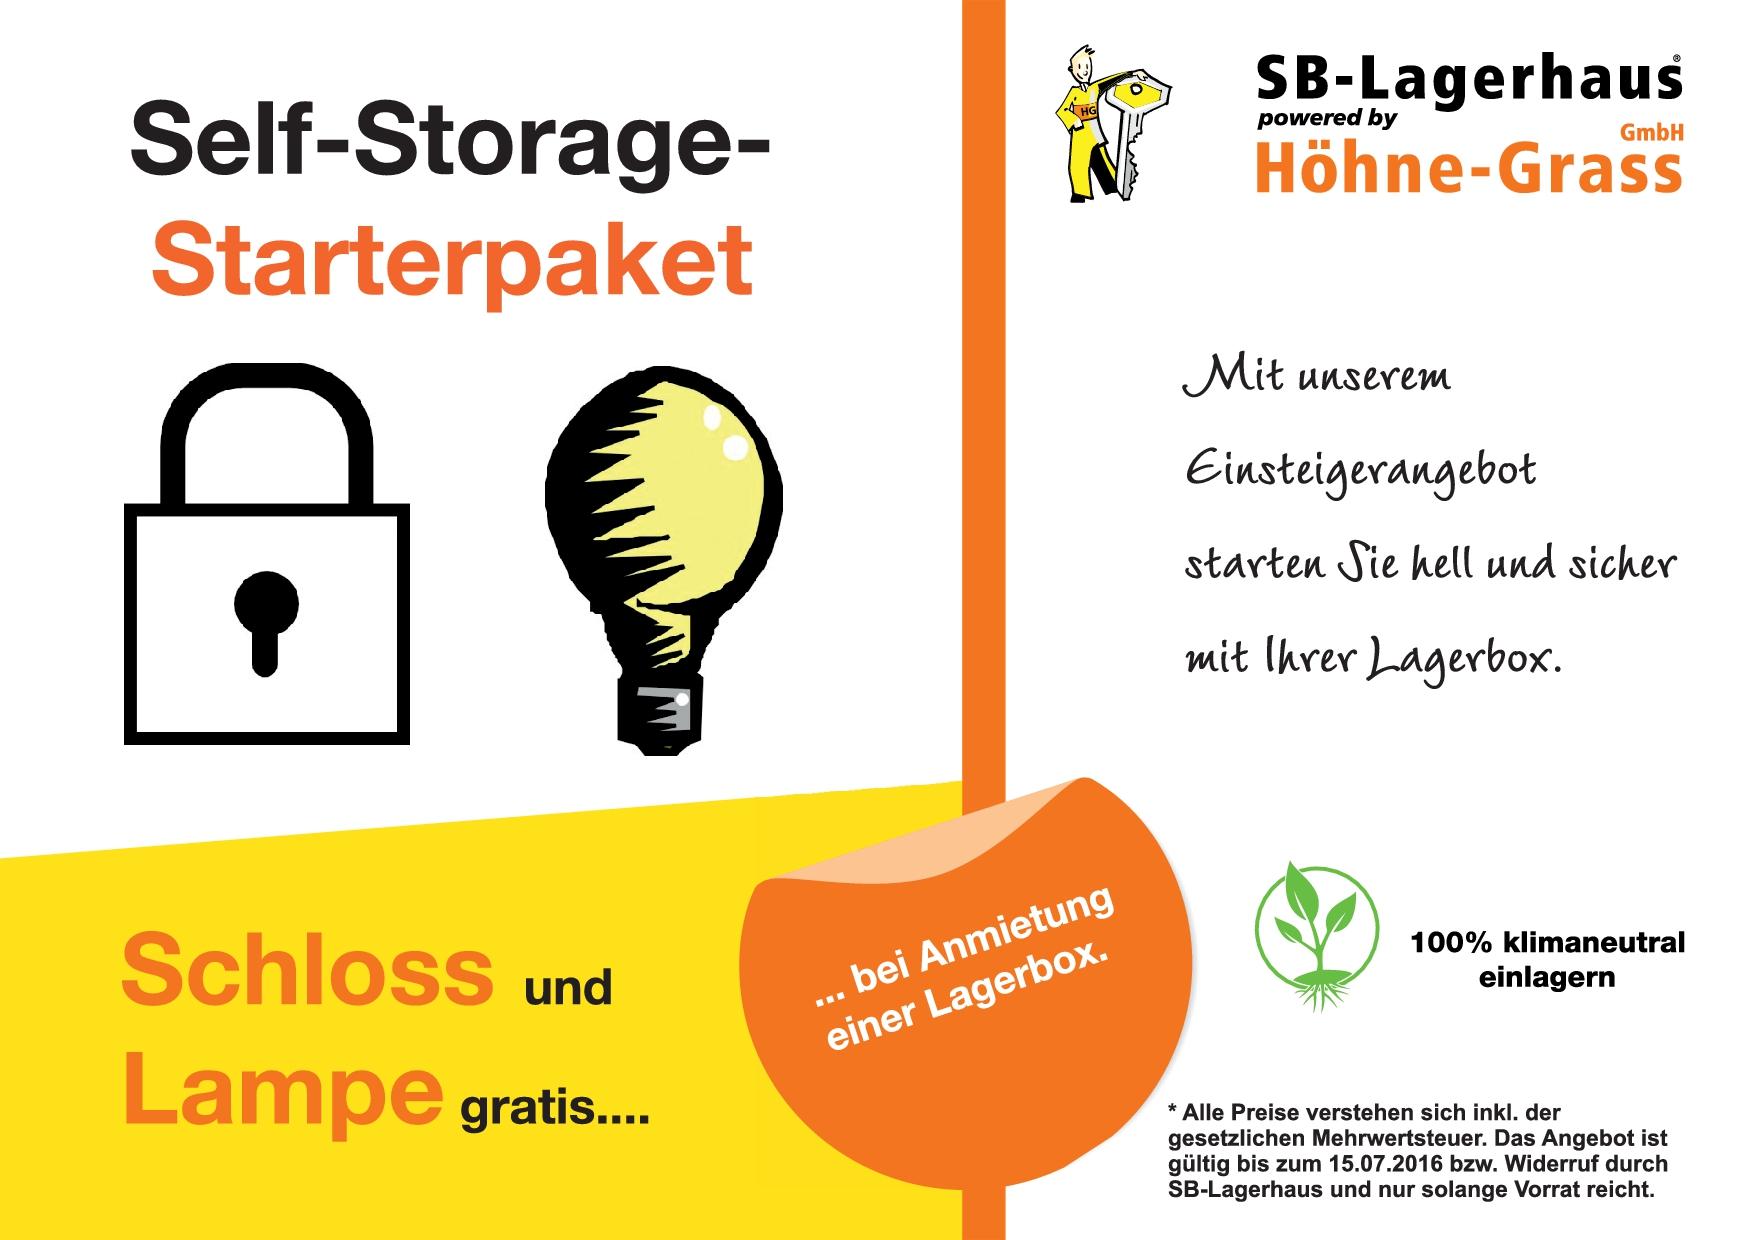 Einsteigerangebot Im Sb Lagerhaus Mainz Höhne Grass